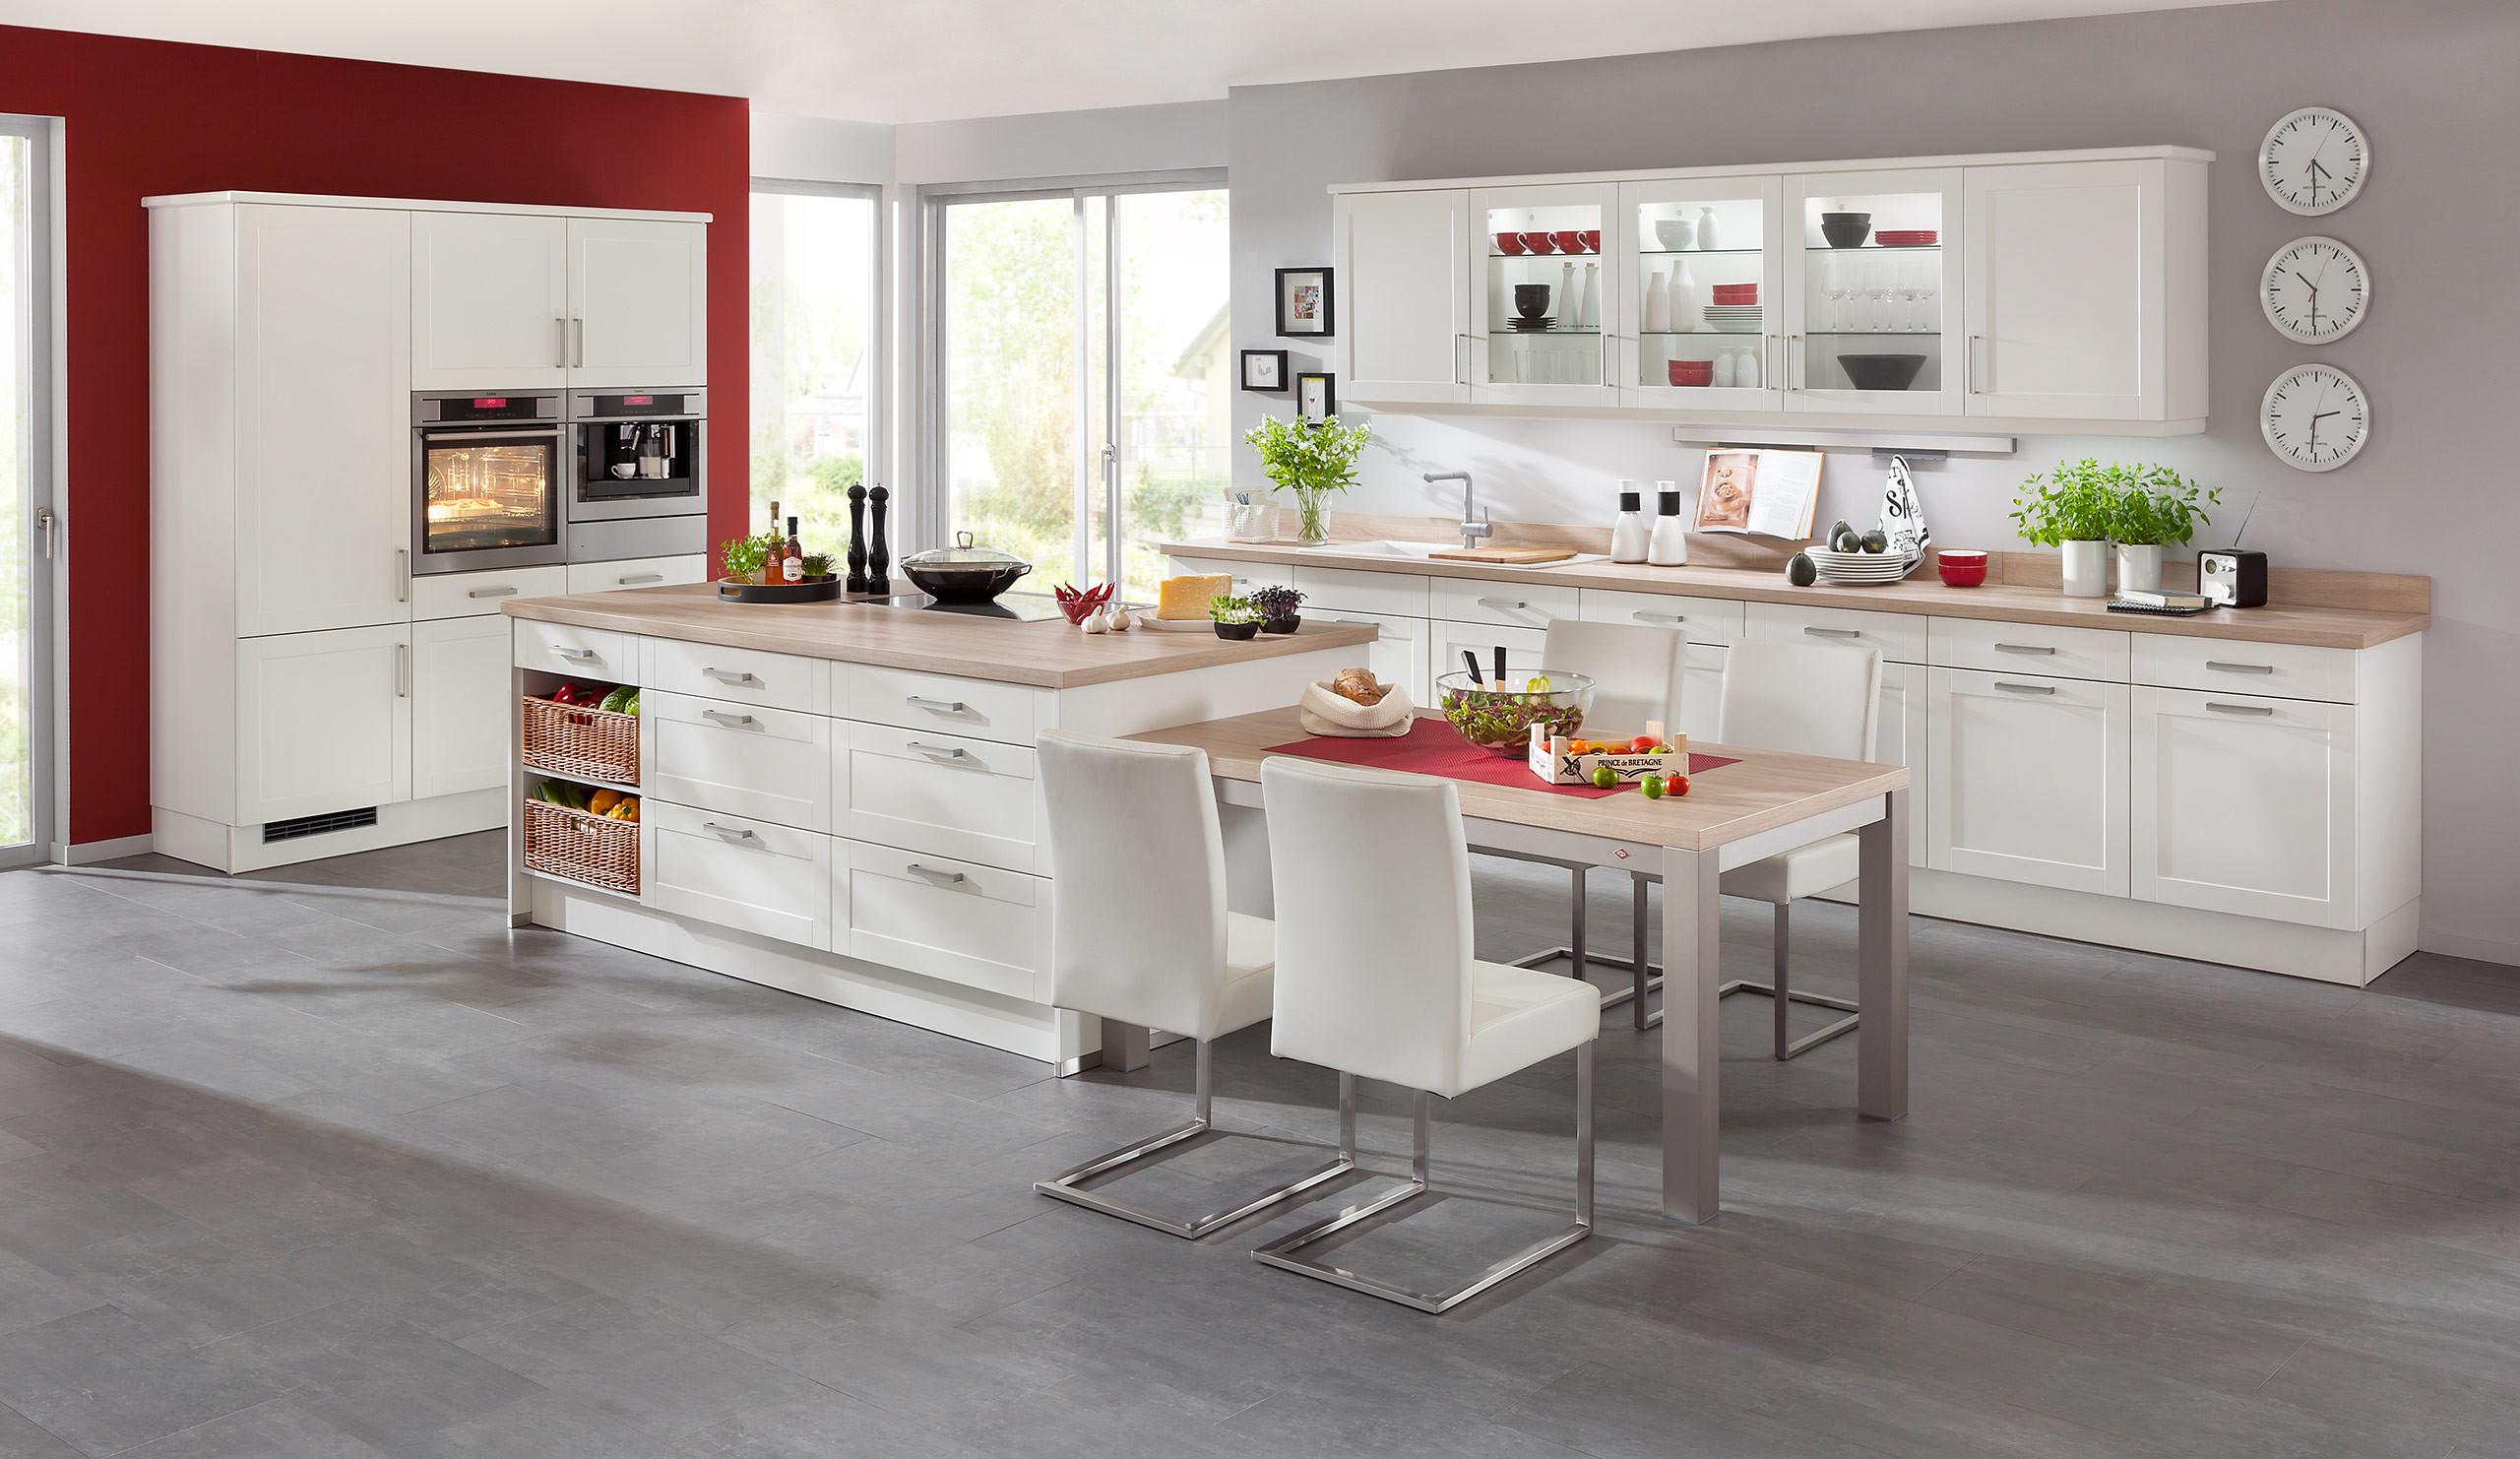 Küche Quelle  Classic Einbauküche Estrala Weiss Küchen Quelle